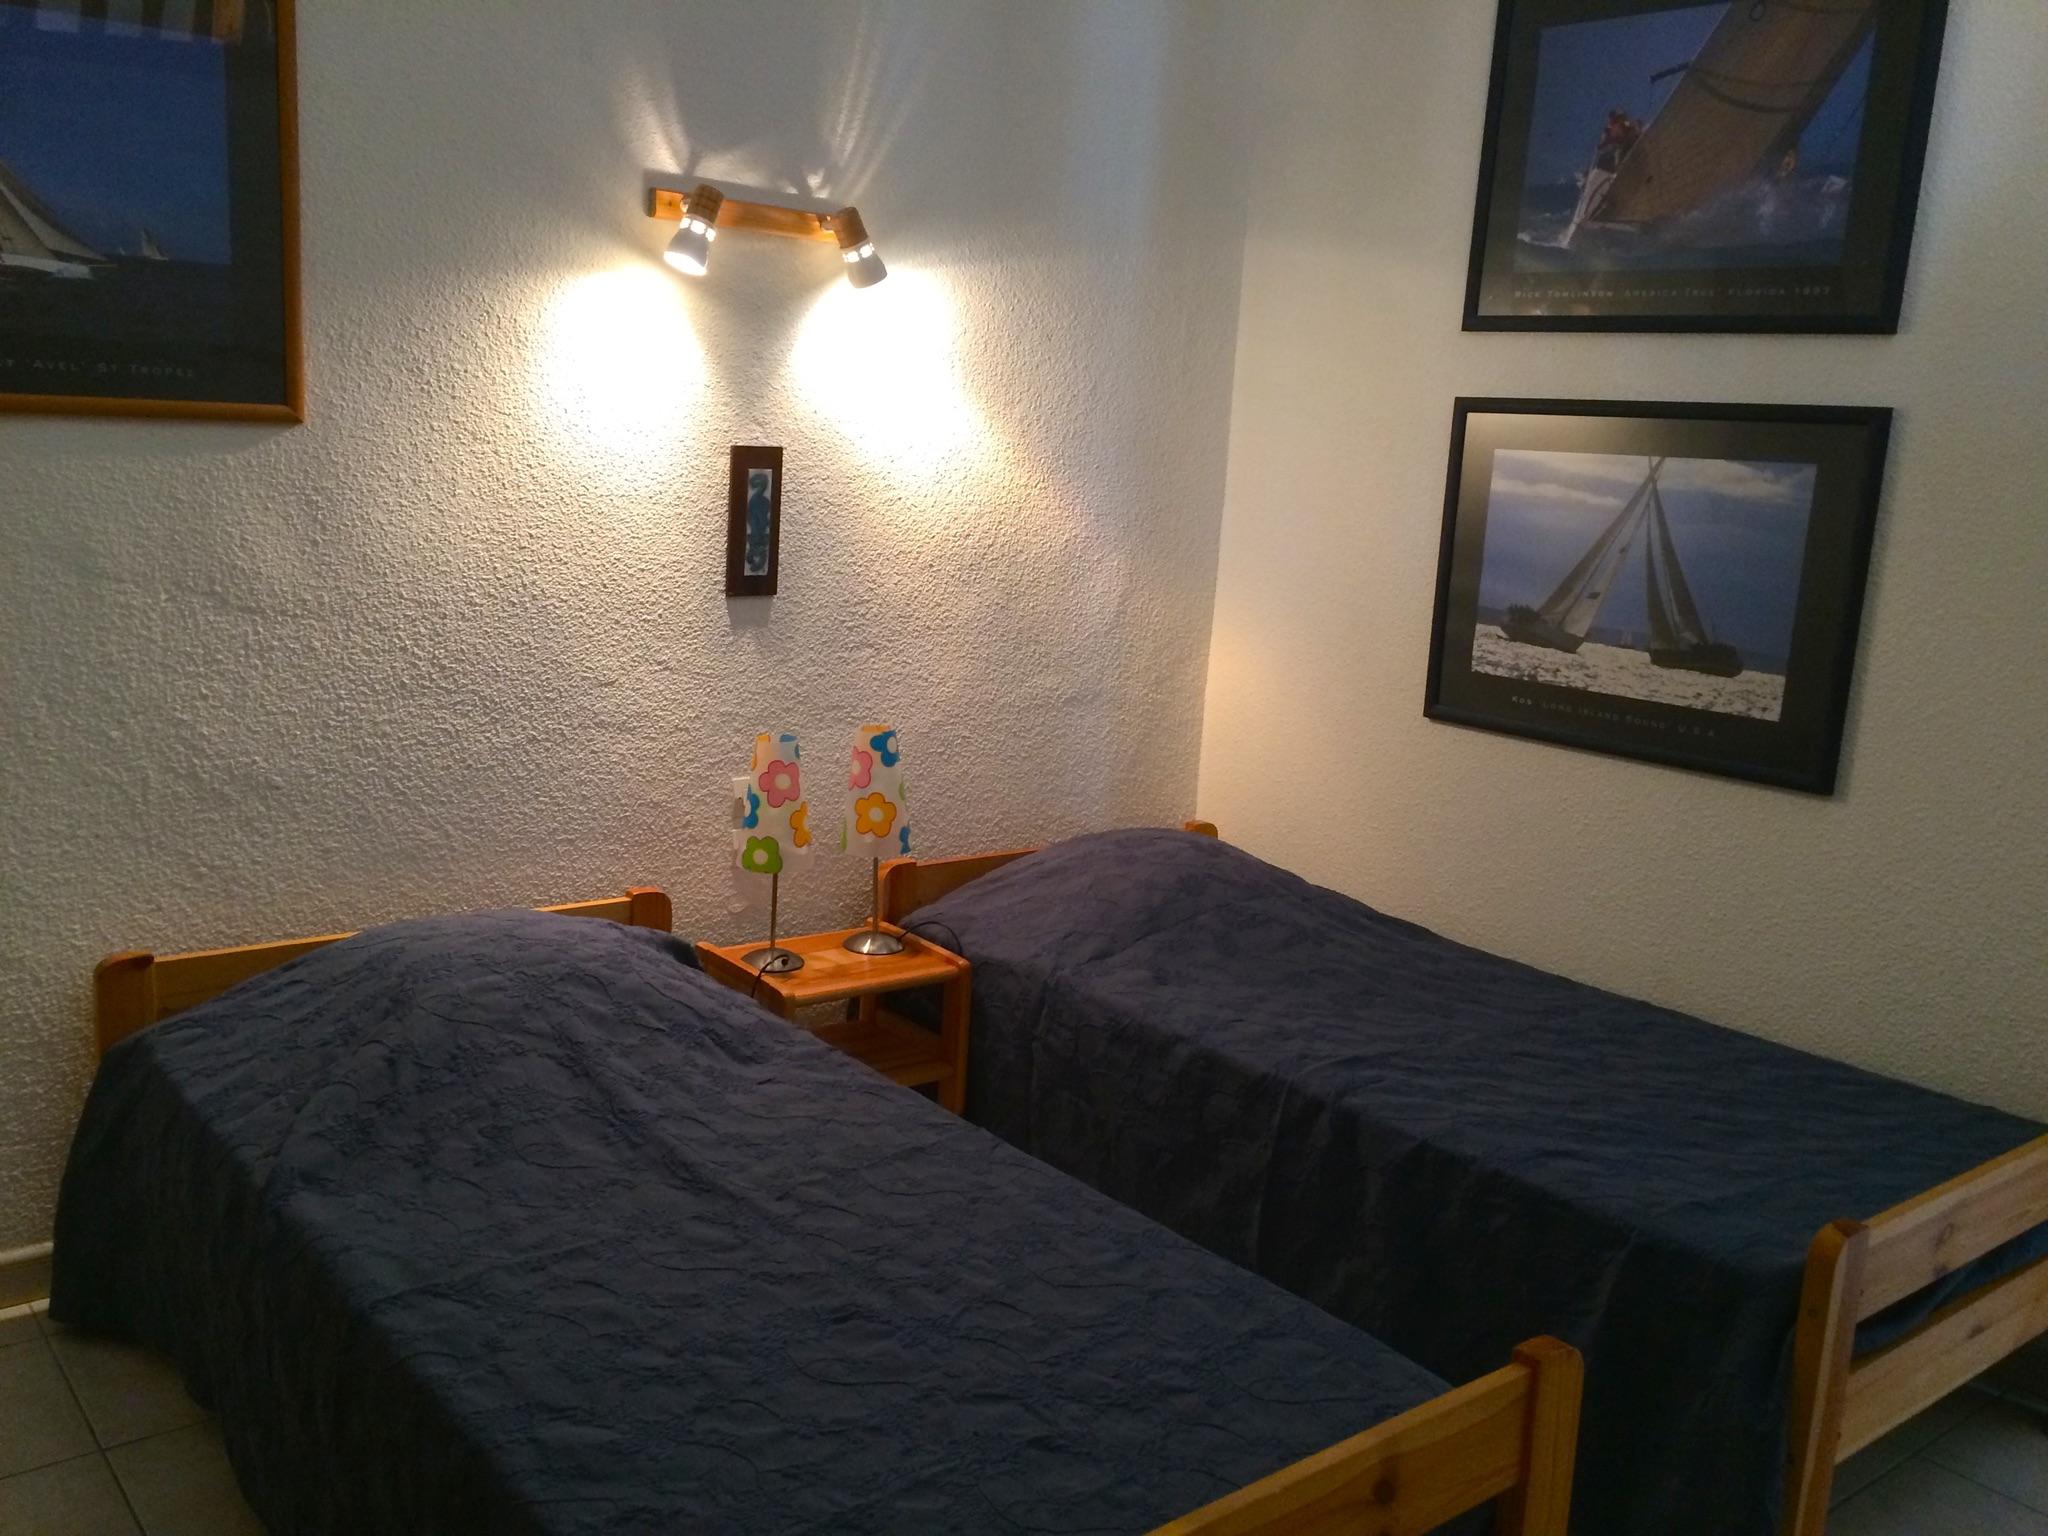 Ferienhaus Charaktervolles Haus in Hérault mit Pool und Garten (2201003), Portiragnes, Mittelmeerküste Hérault, Languedoc-Roussillon, Frankreich, Bild 18